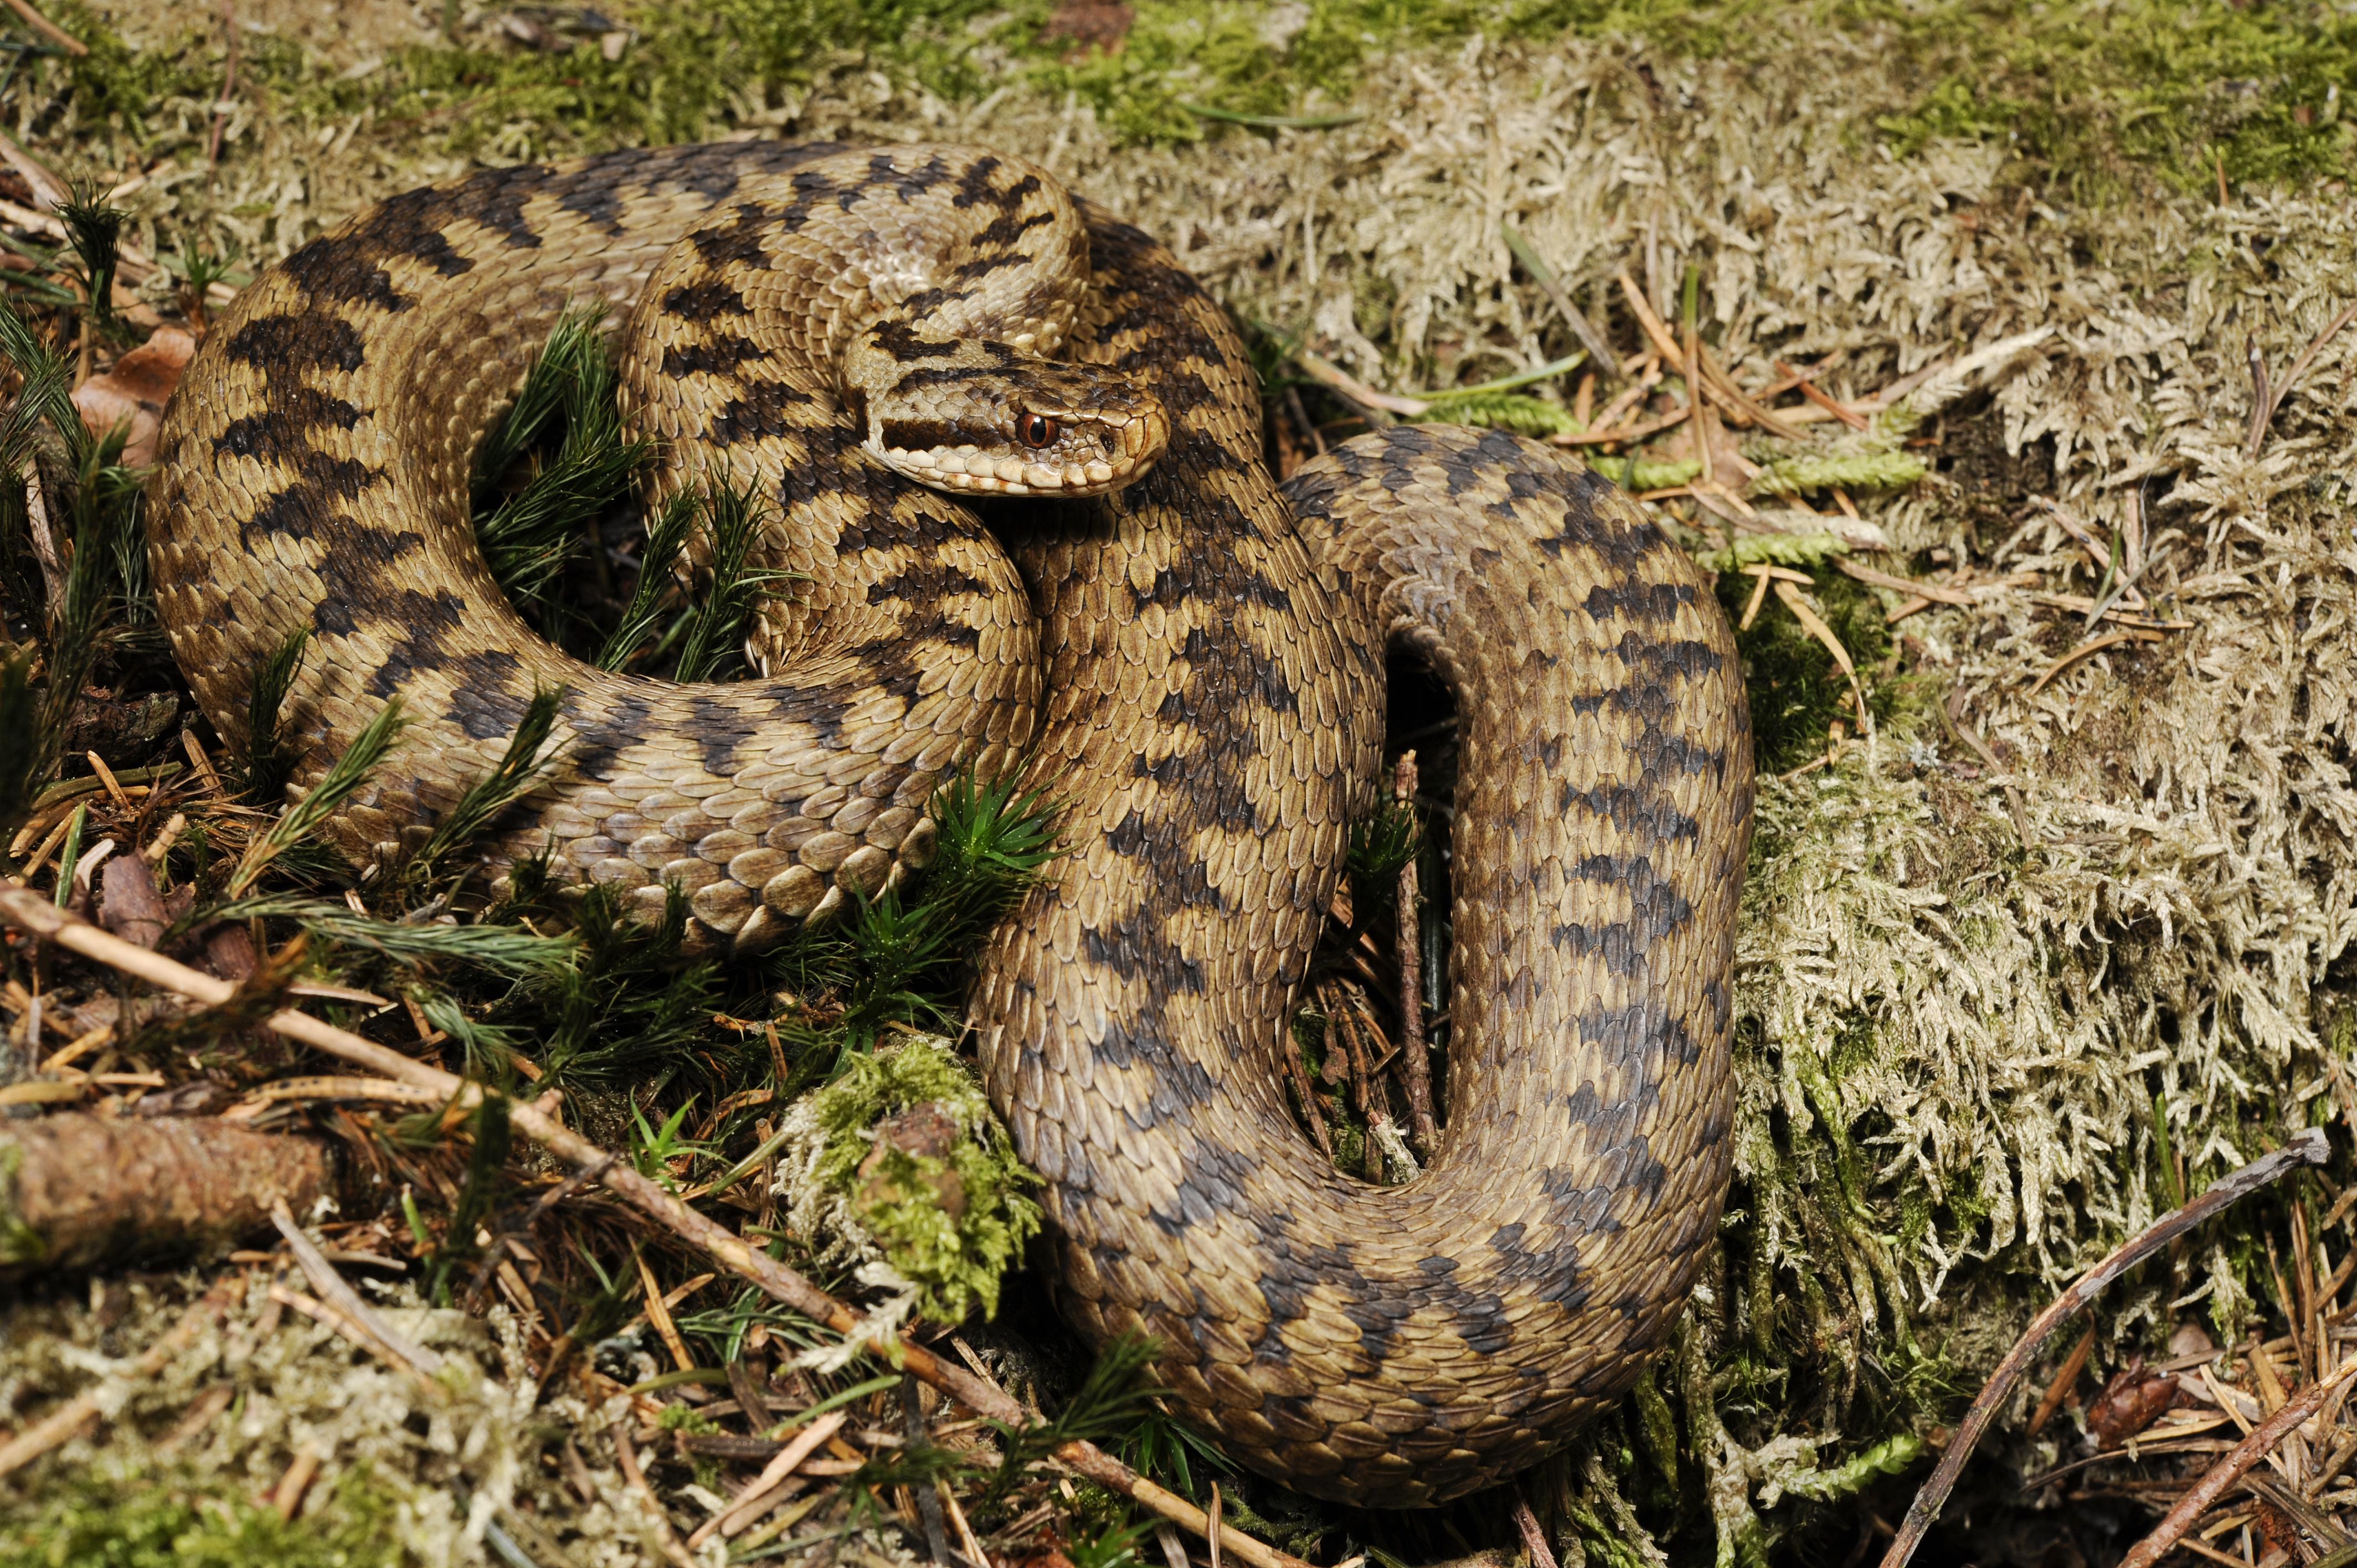 кулич змеи ростовской области фото и названия хотите, чтобы